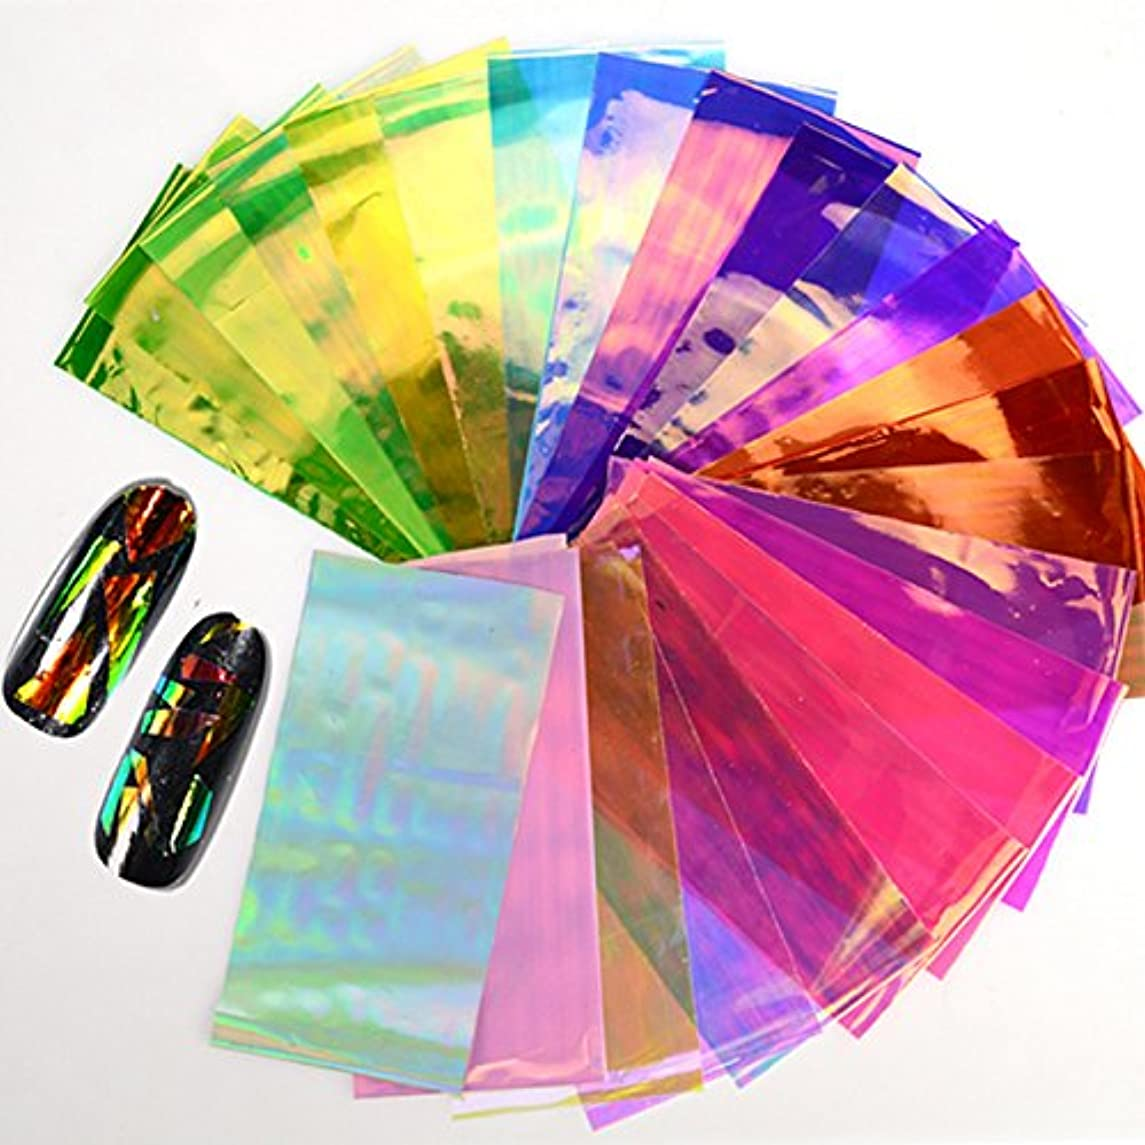 窓を洗うラッチ武装解除Goshang ネイルステッカー オーロラネイルフィルム セロファン ネイルシール テープ ネイル 20枚セット